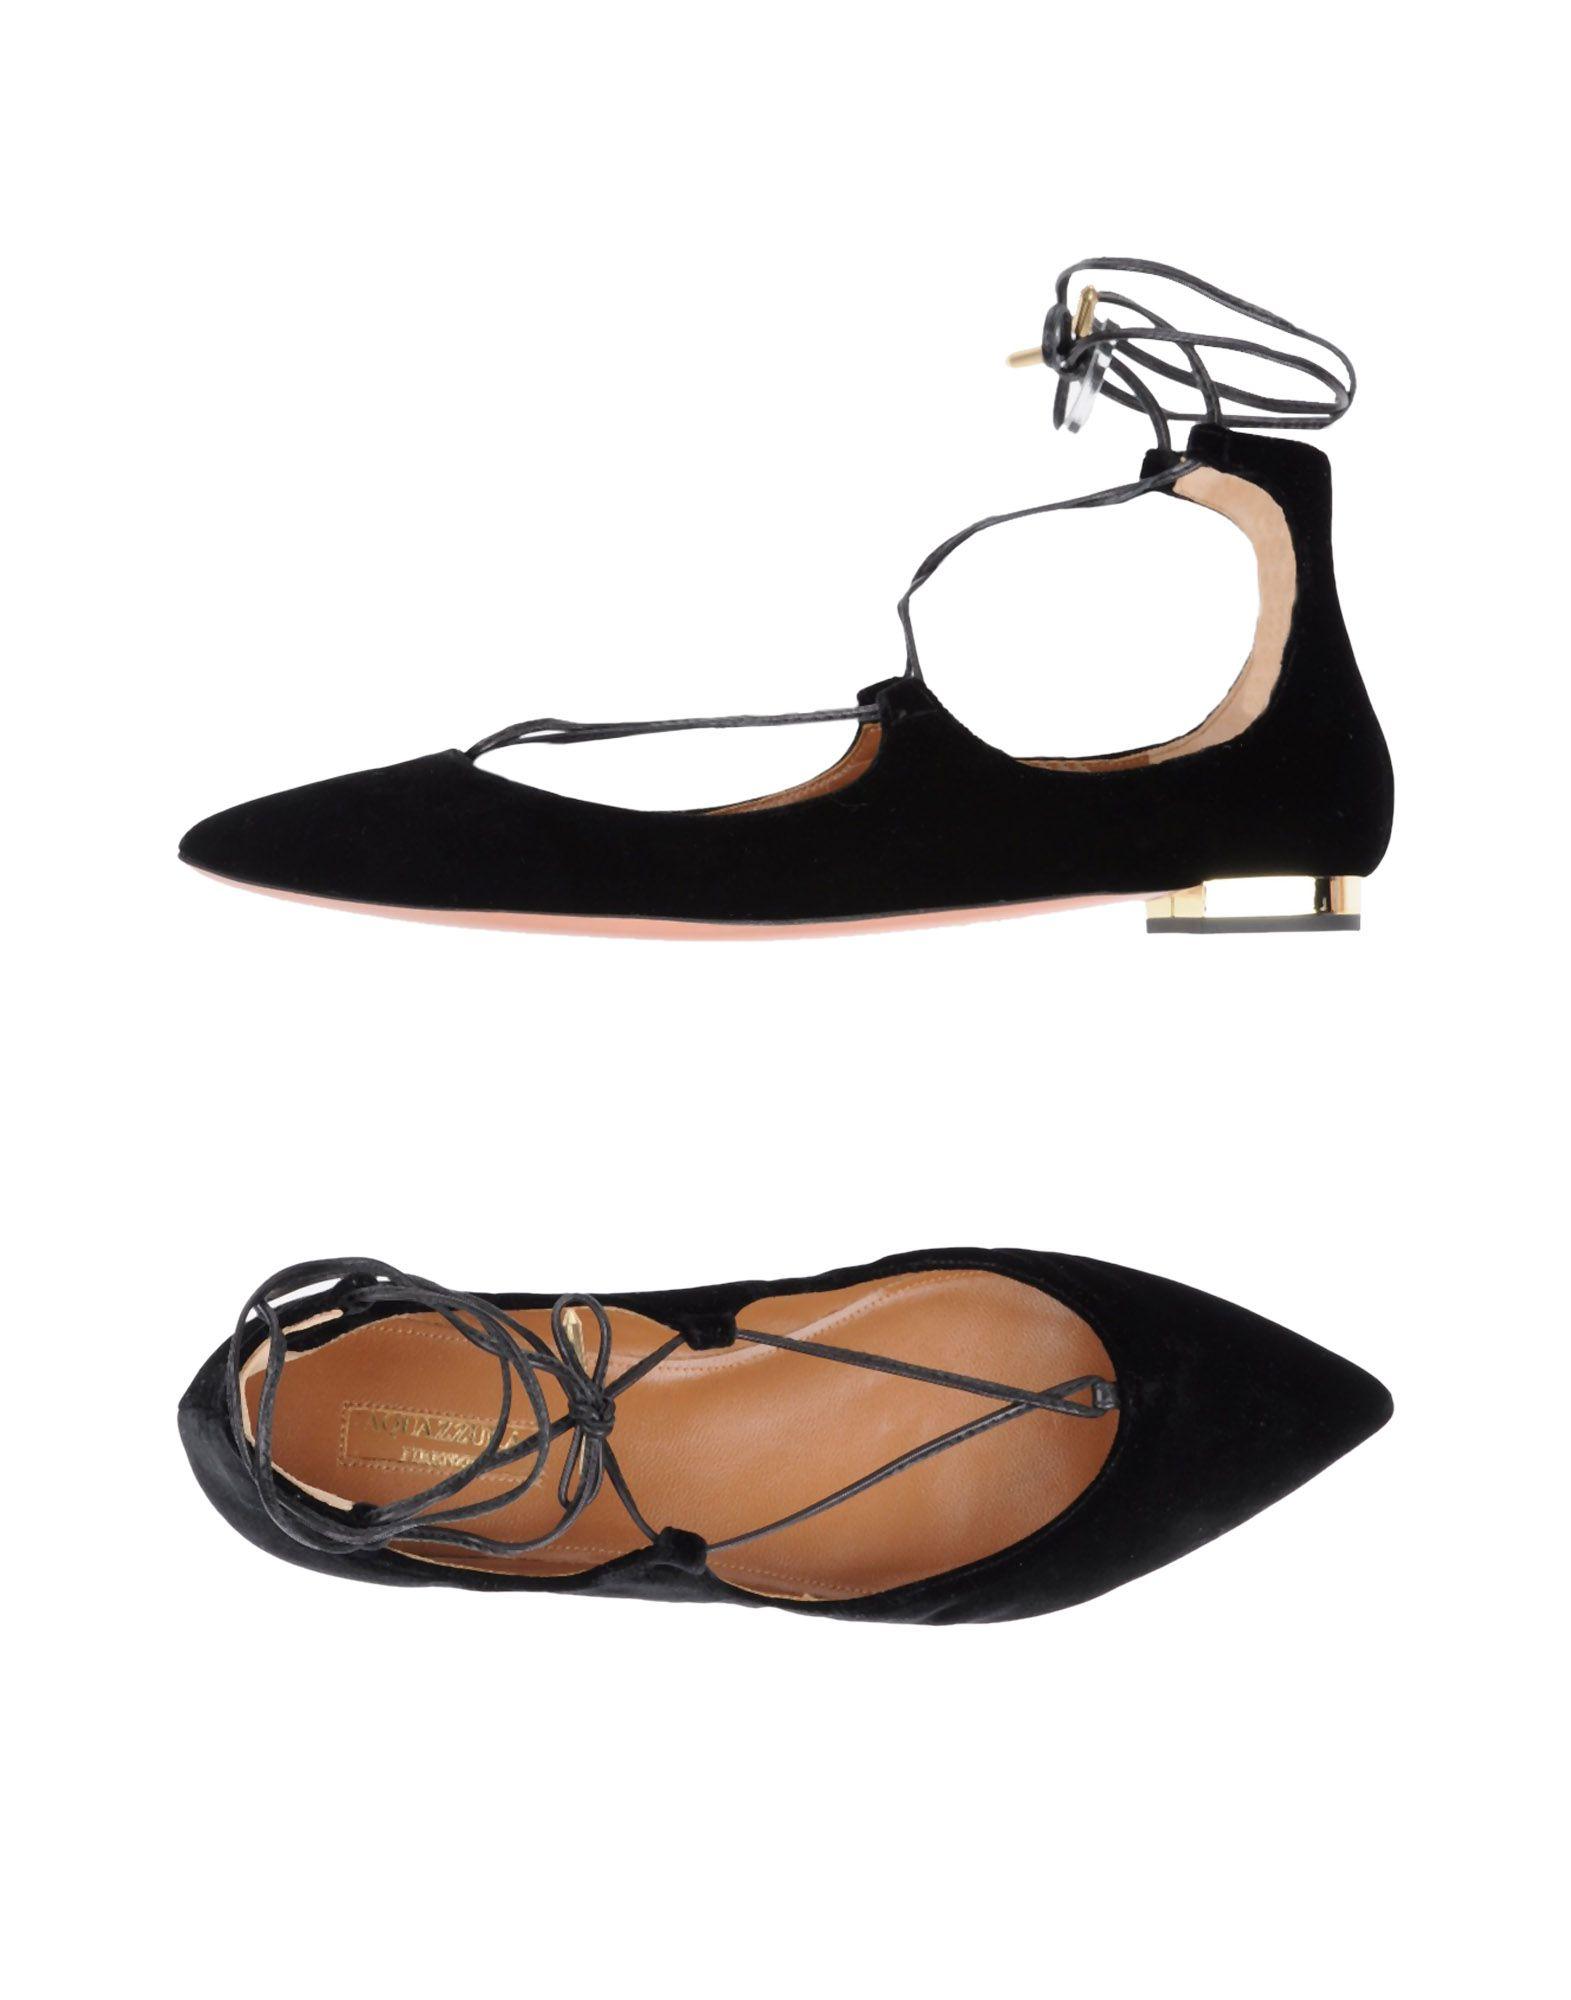 Ballerine Aquazzura Donna - 11329695SM Scarpe economiche e buone